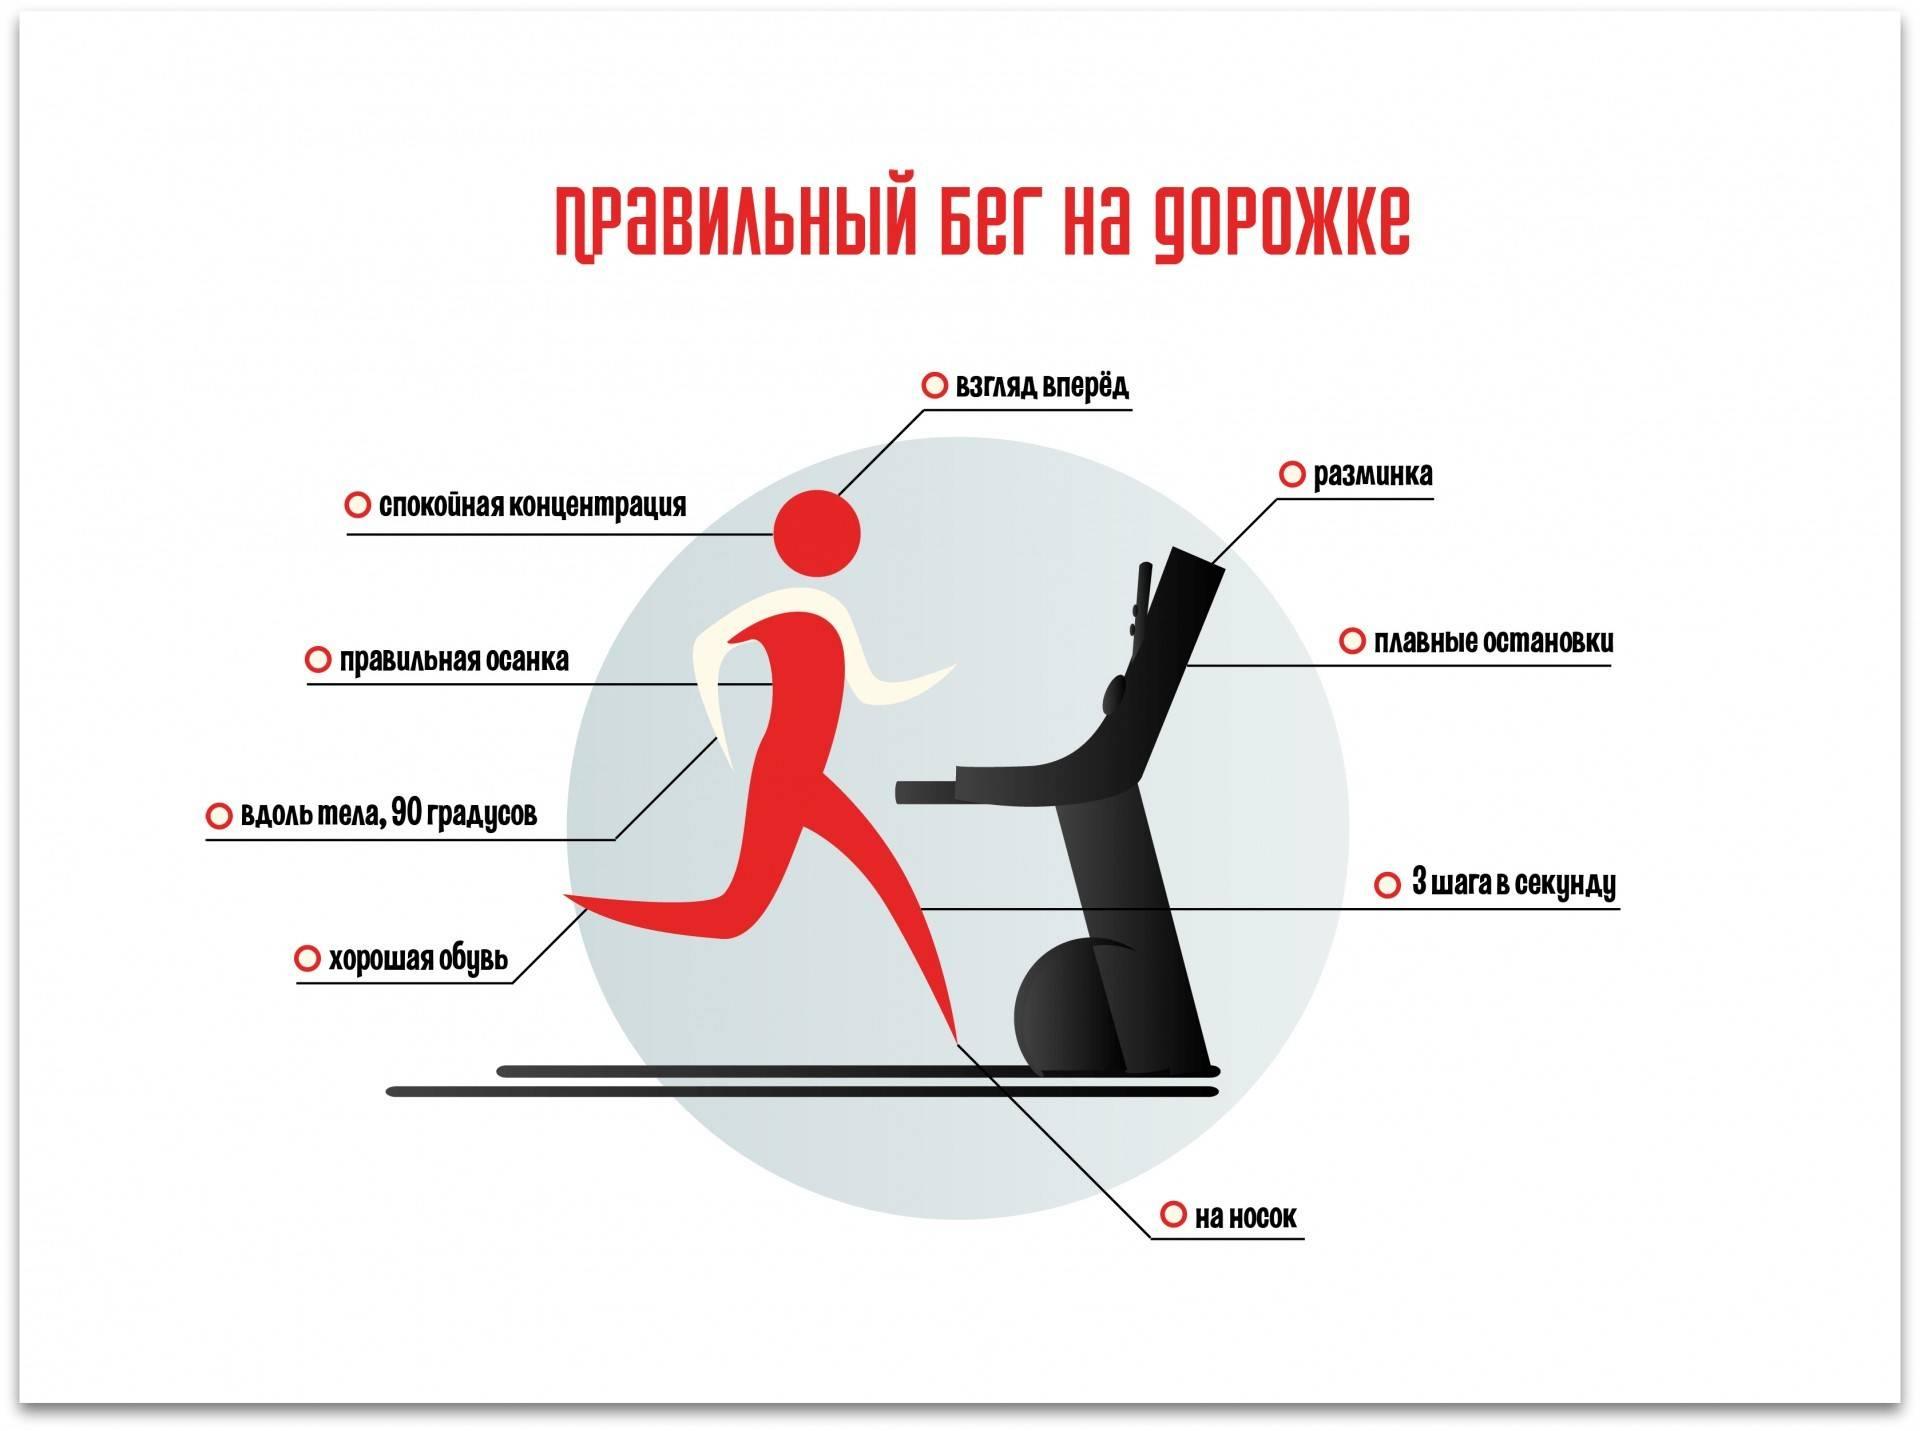 Плюсы и минусы беговых дорожек, советы по снижению веса в тренажерном зале